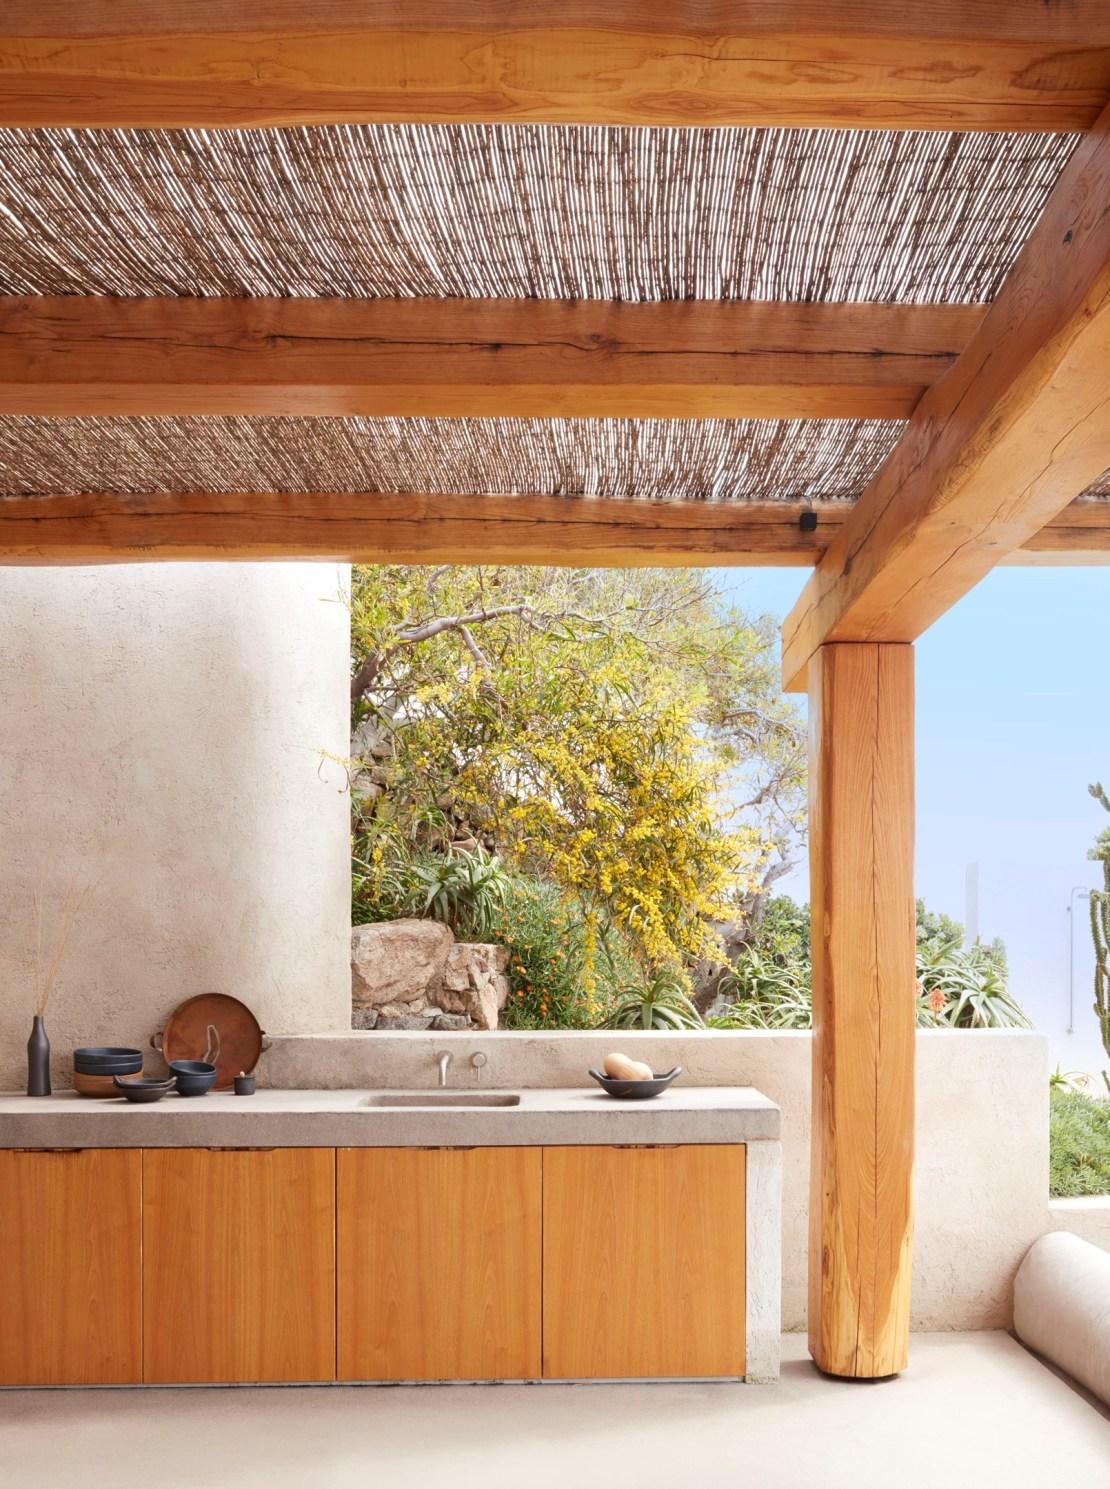 Μύκονος: Η ανακαινισμένη εξοχική κατοικία με κυκλαδίτικη αρχιτεκτονική και υπέροχη θέα